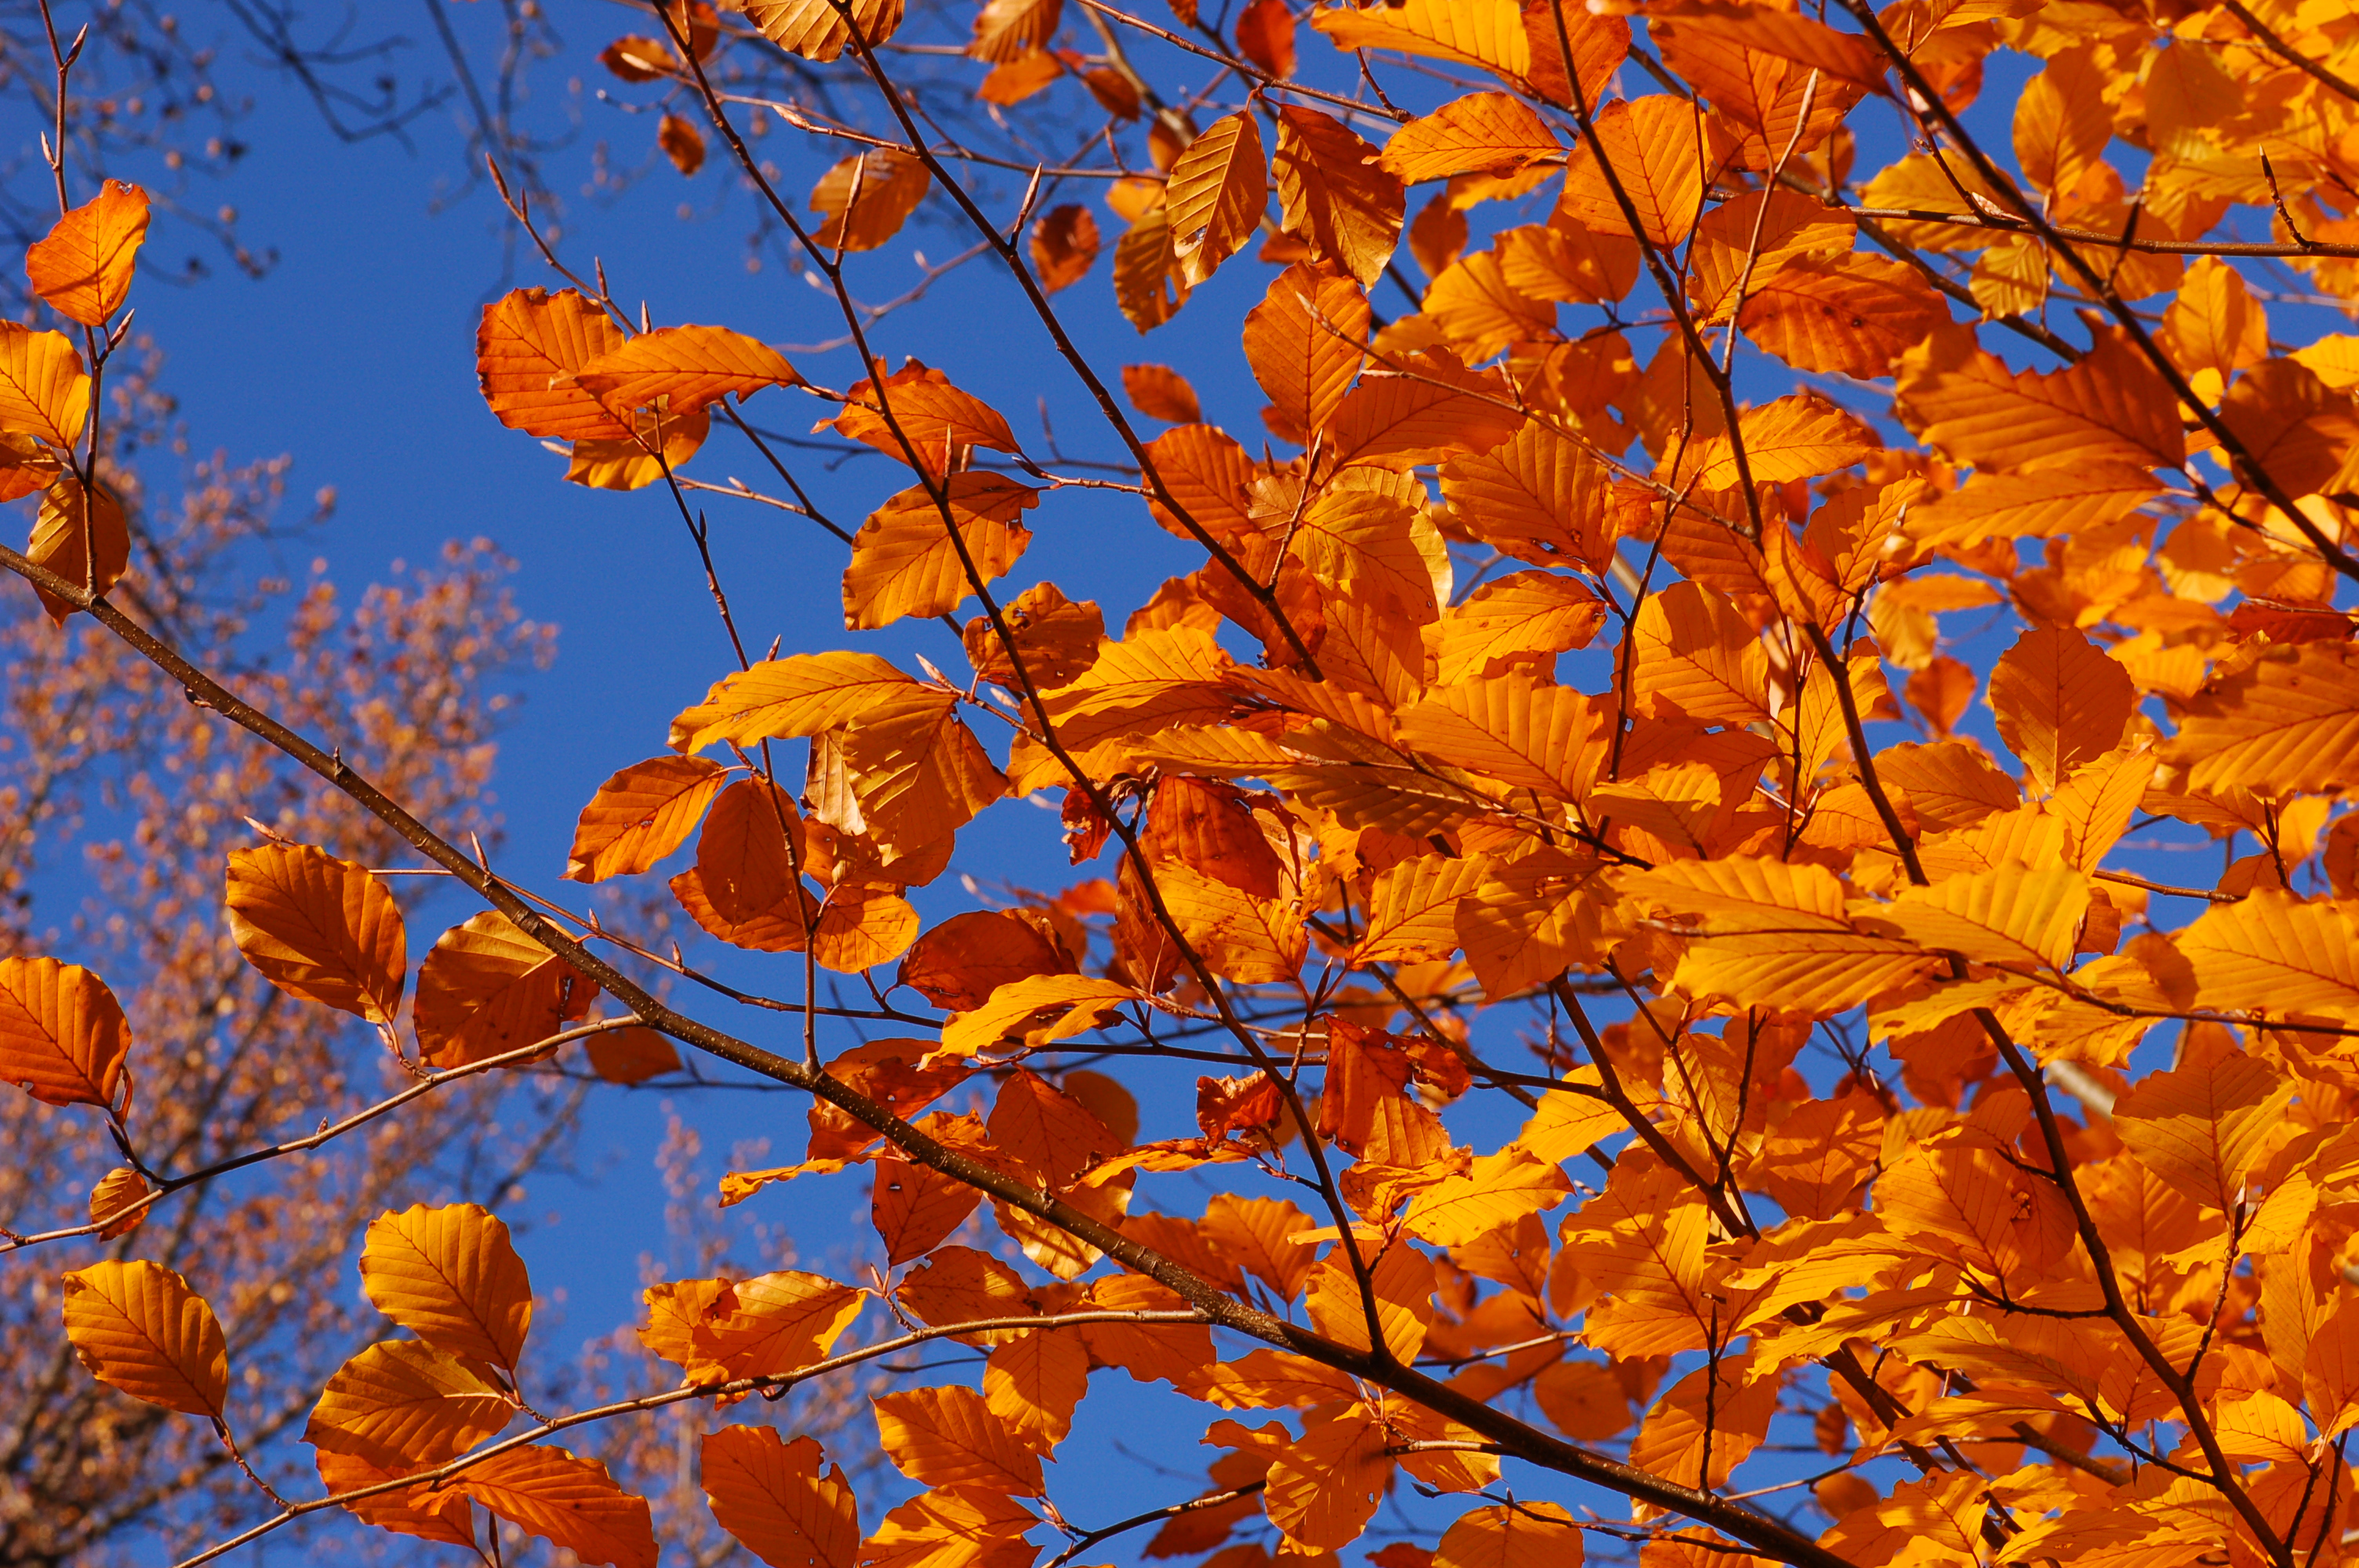 Autumn Leaves.